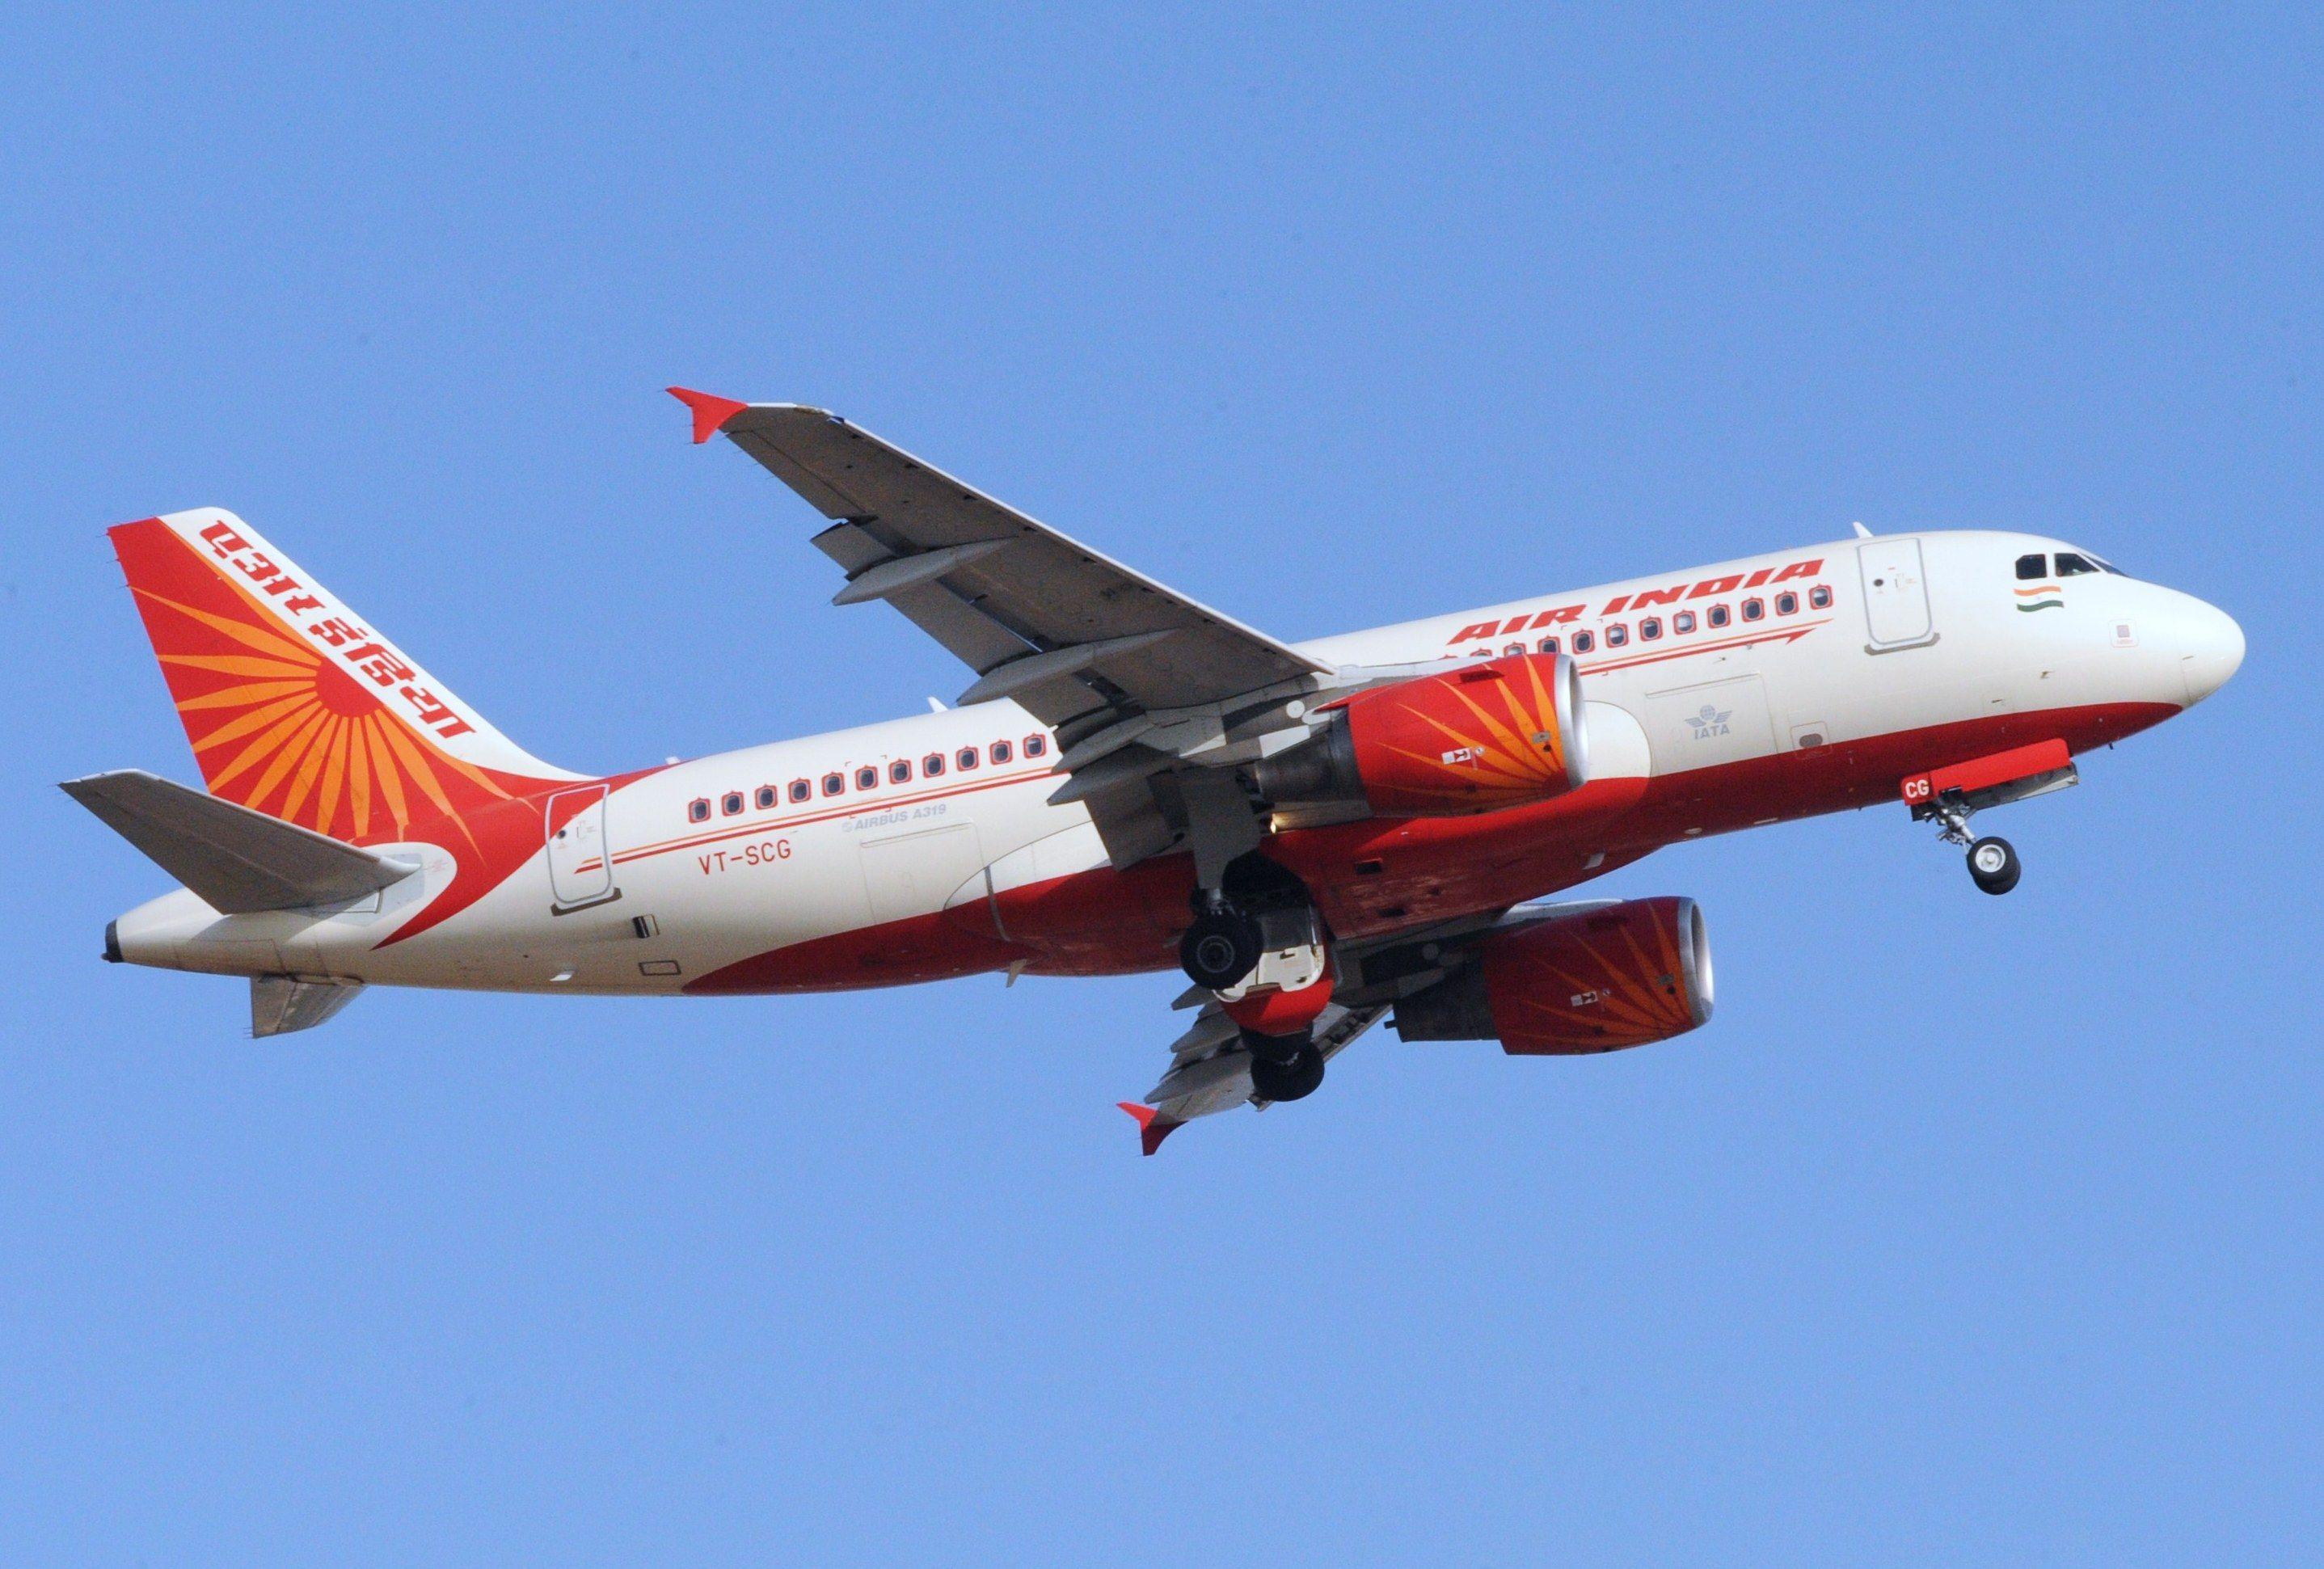 Авиакомпании Air India и FlyNas получили разрешения на выполнение регулярных рейсов в Узбекистан